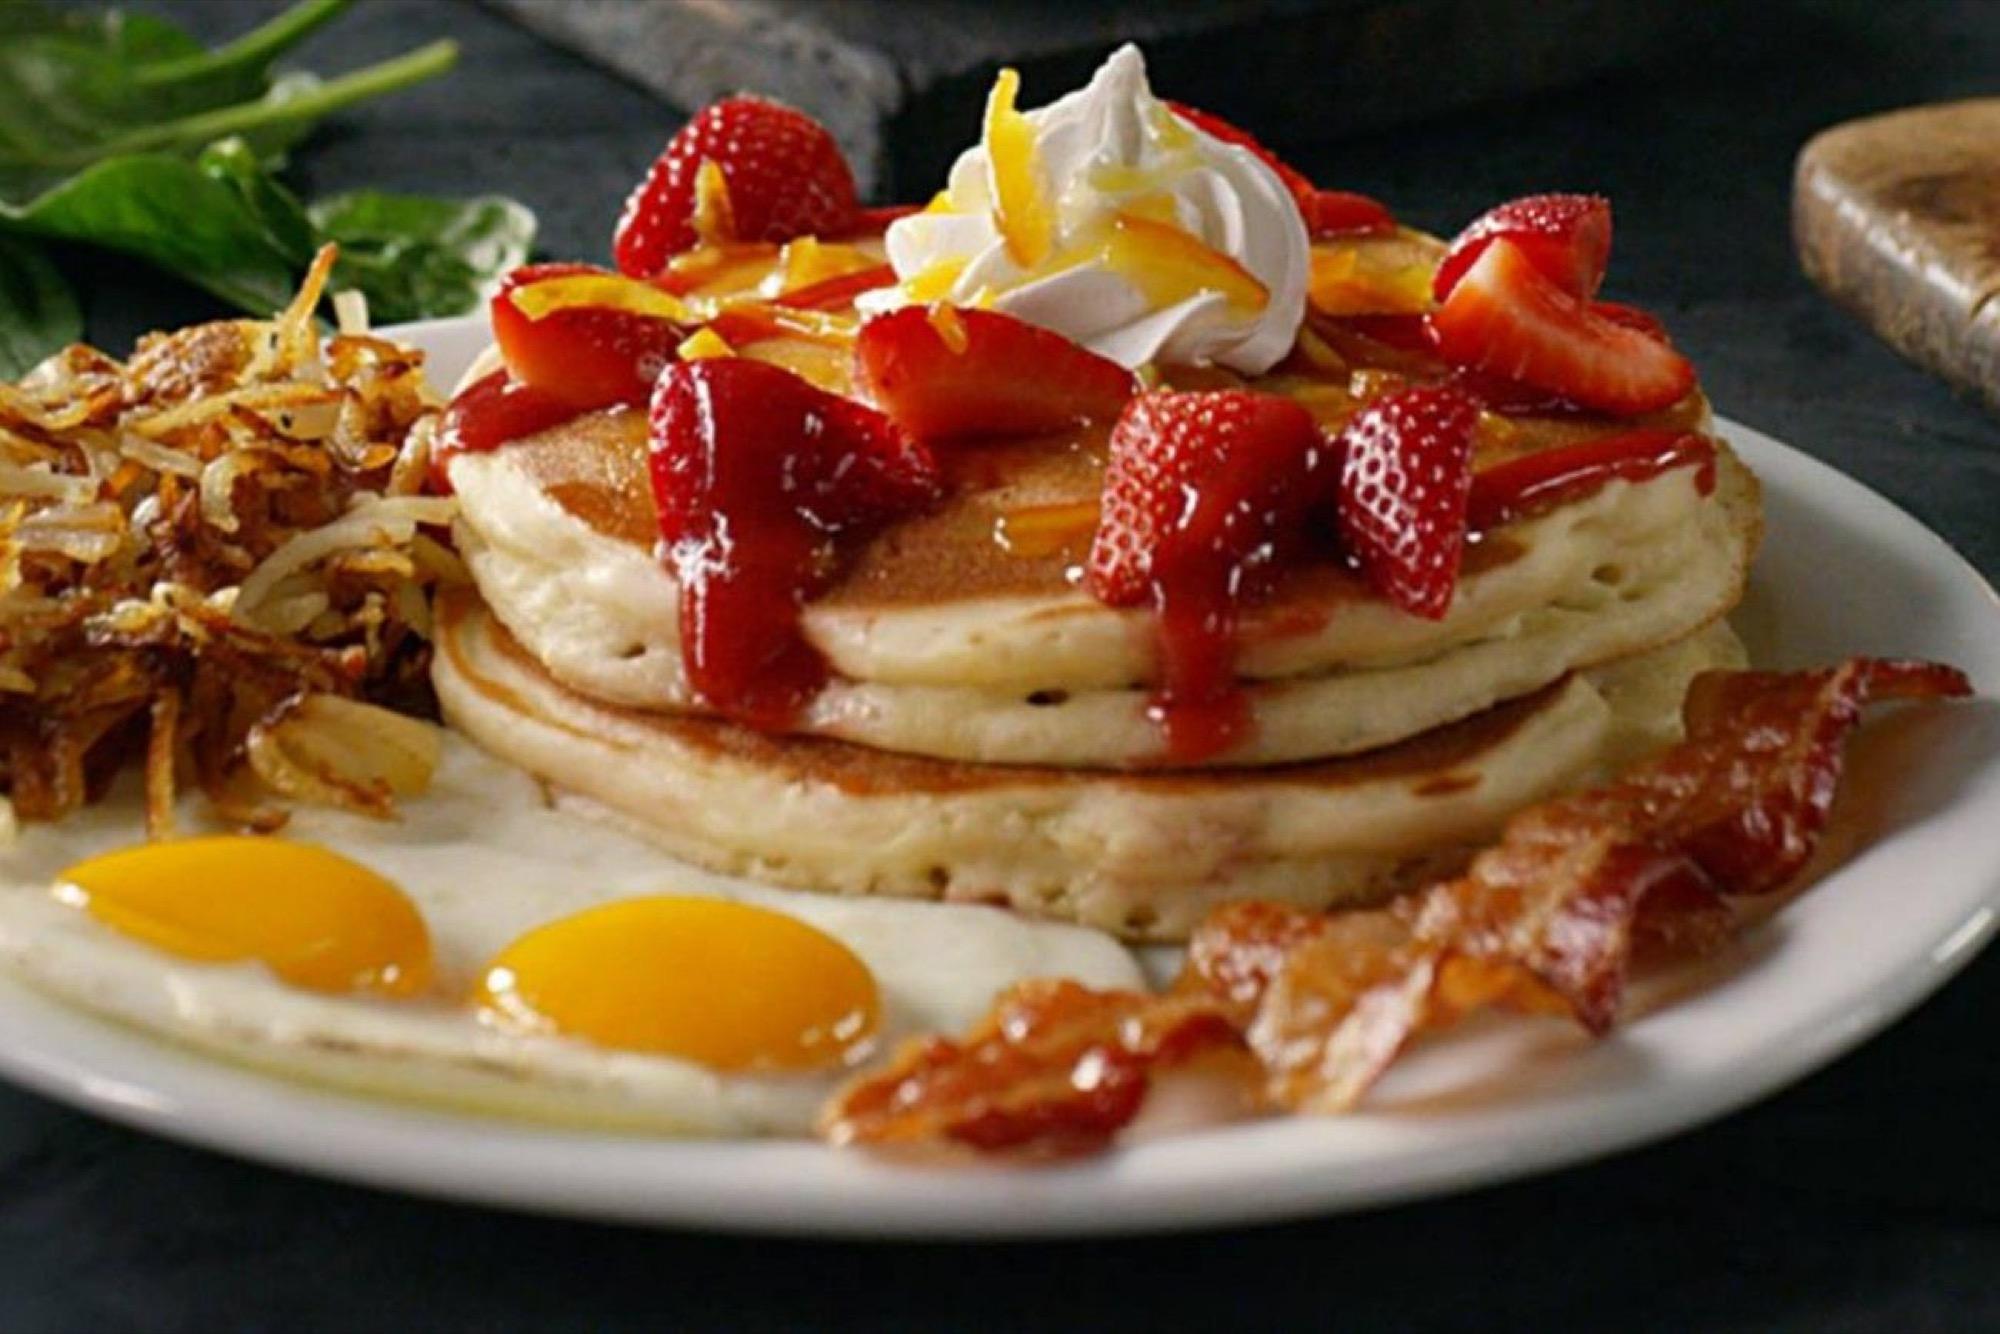 Manly While Ihob Makes Se Franchises Still Focus On Breakfast Slam Breakfast Birthday Slam Breakfast At Denny S nice food Grand Slam Breakfast